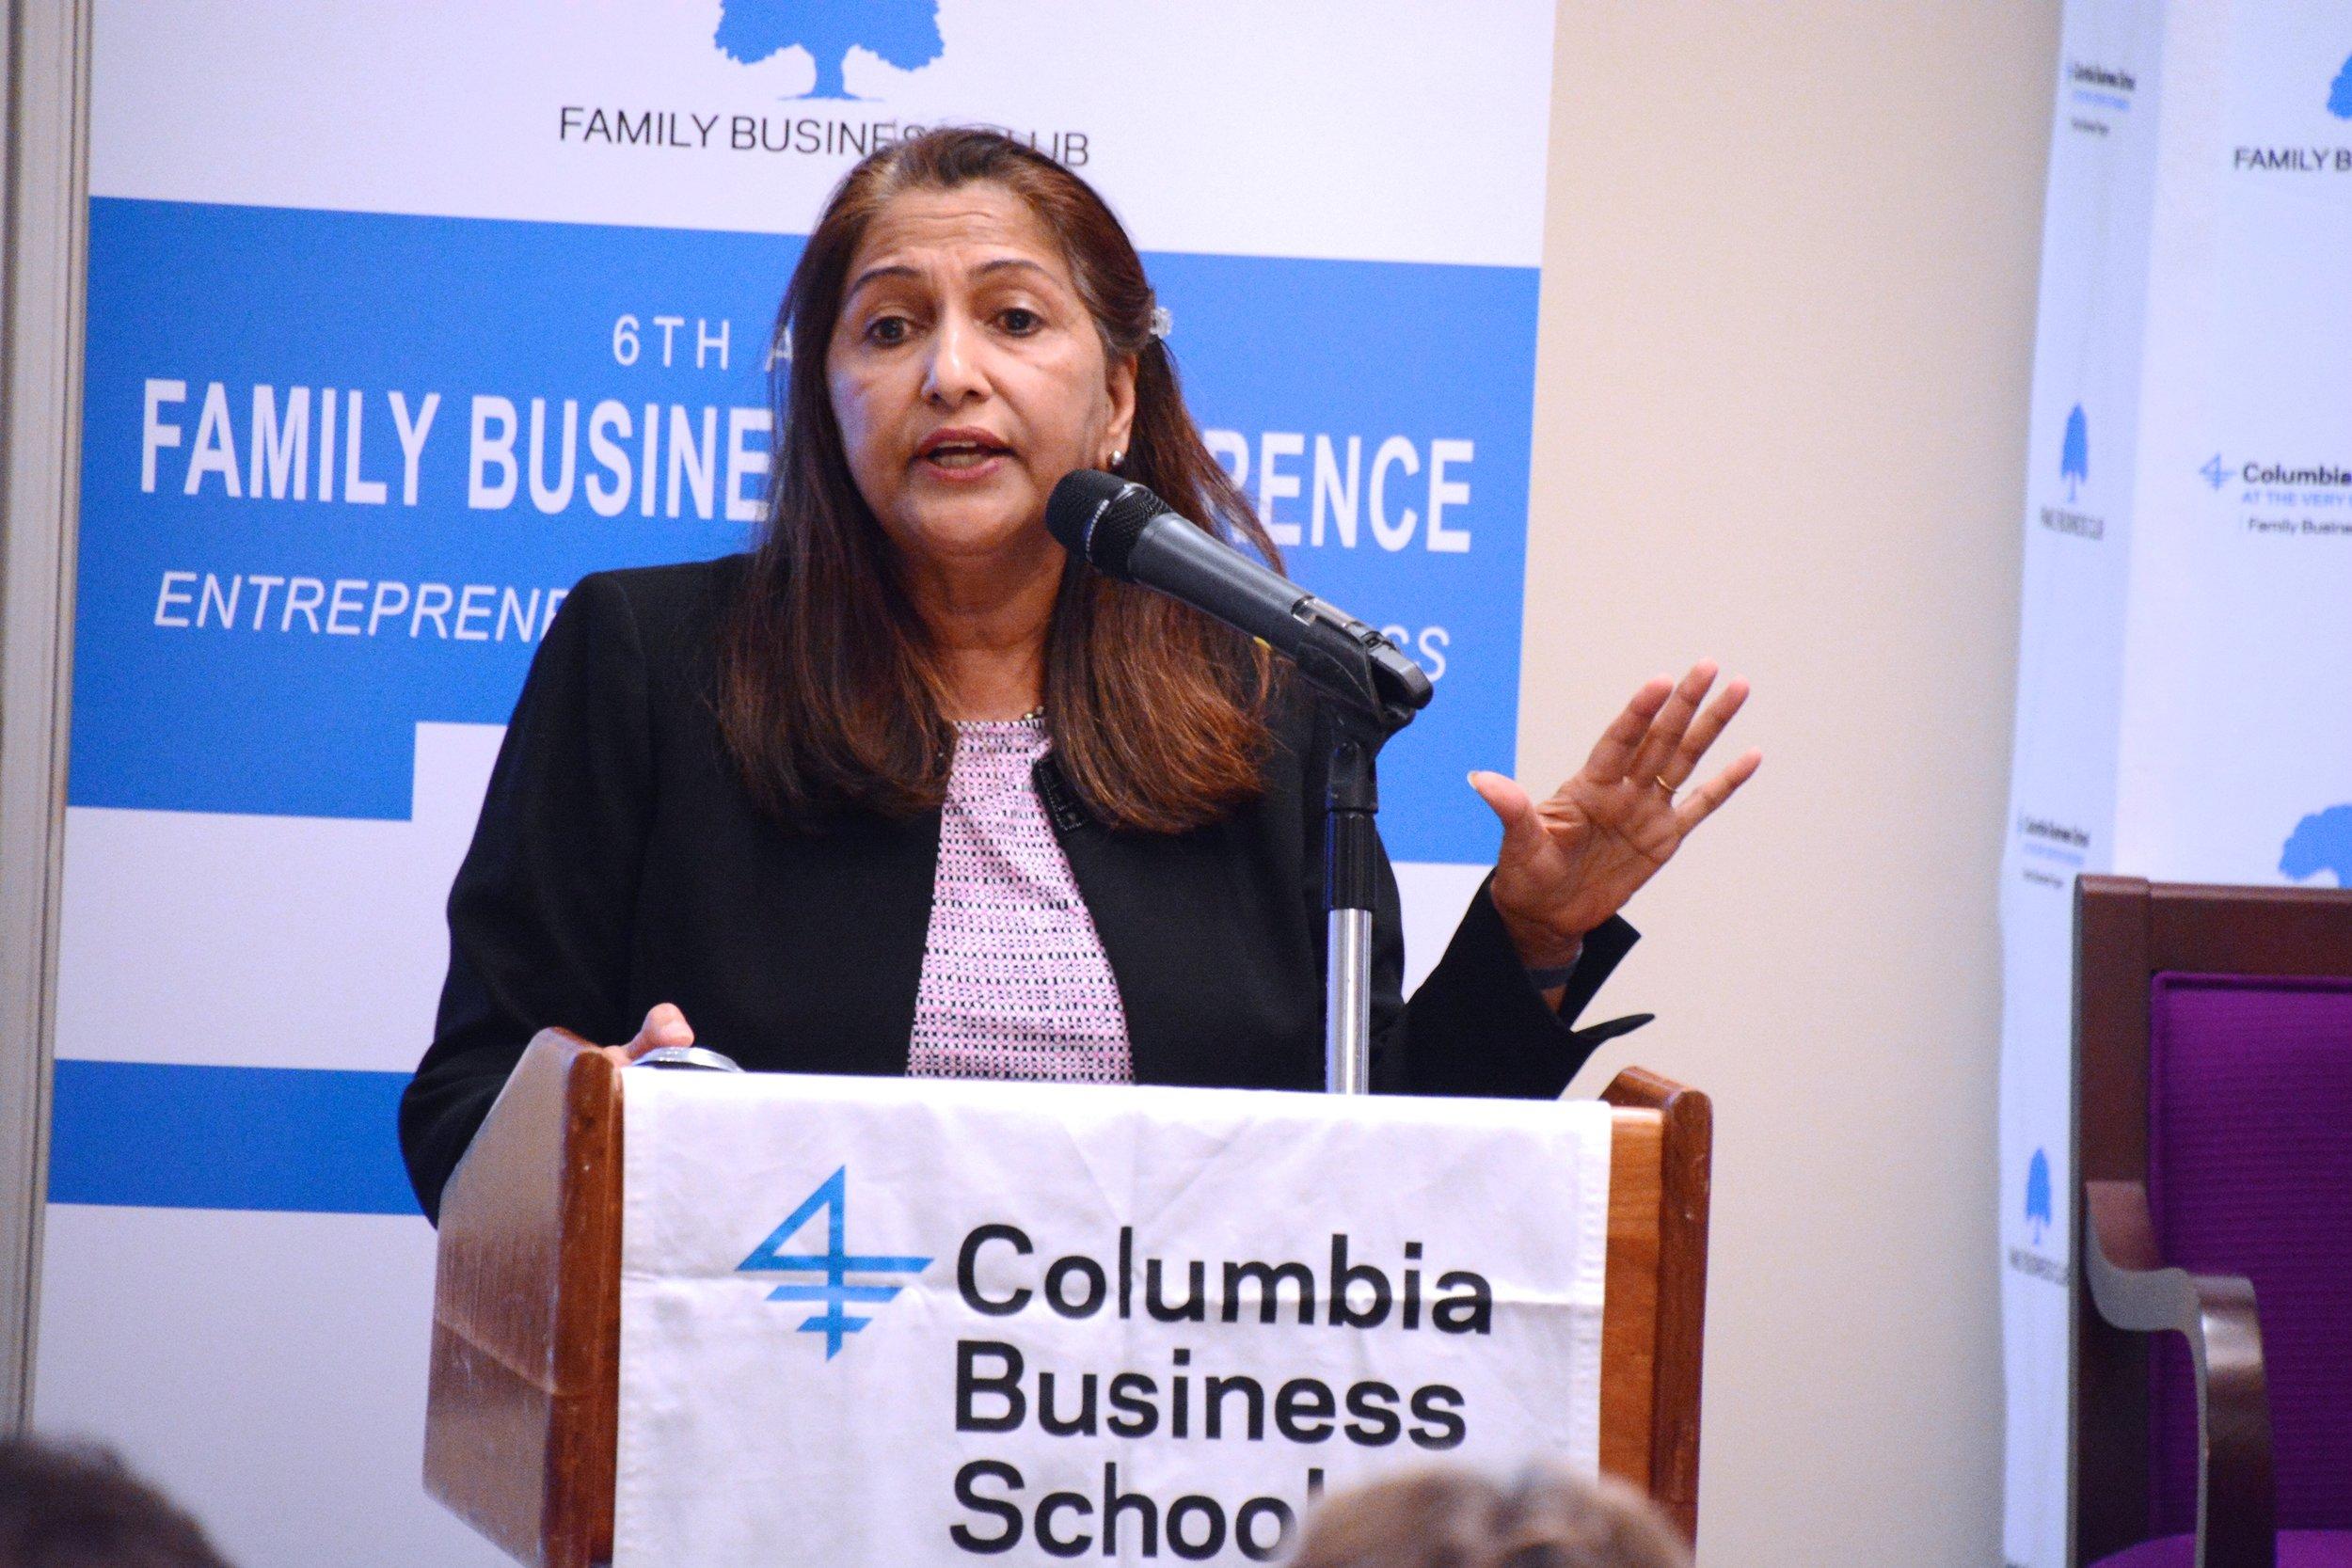 Pramadita Sharma